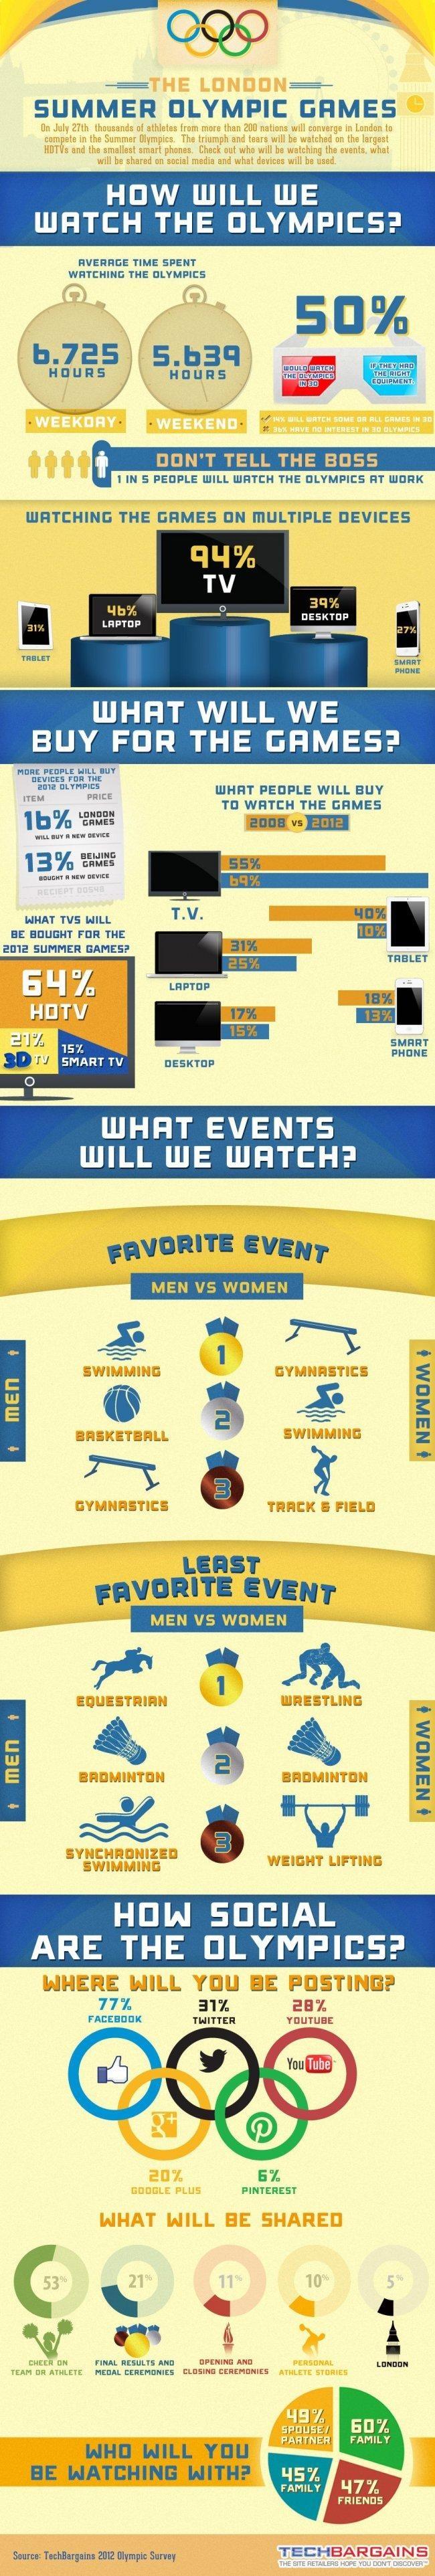 Como se veran los juegos olímpicos - infografia